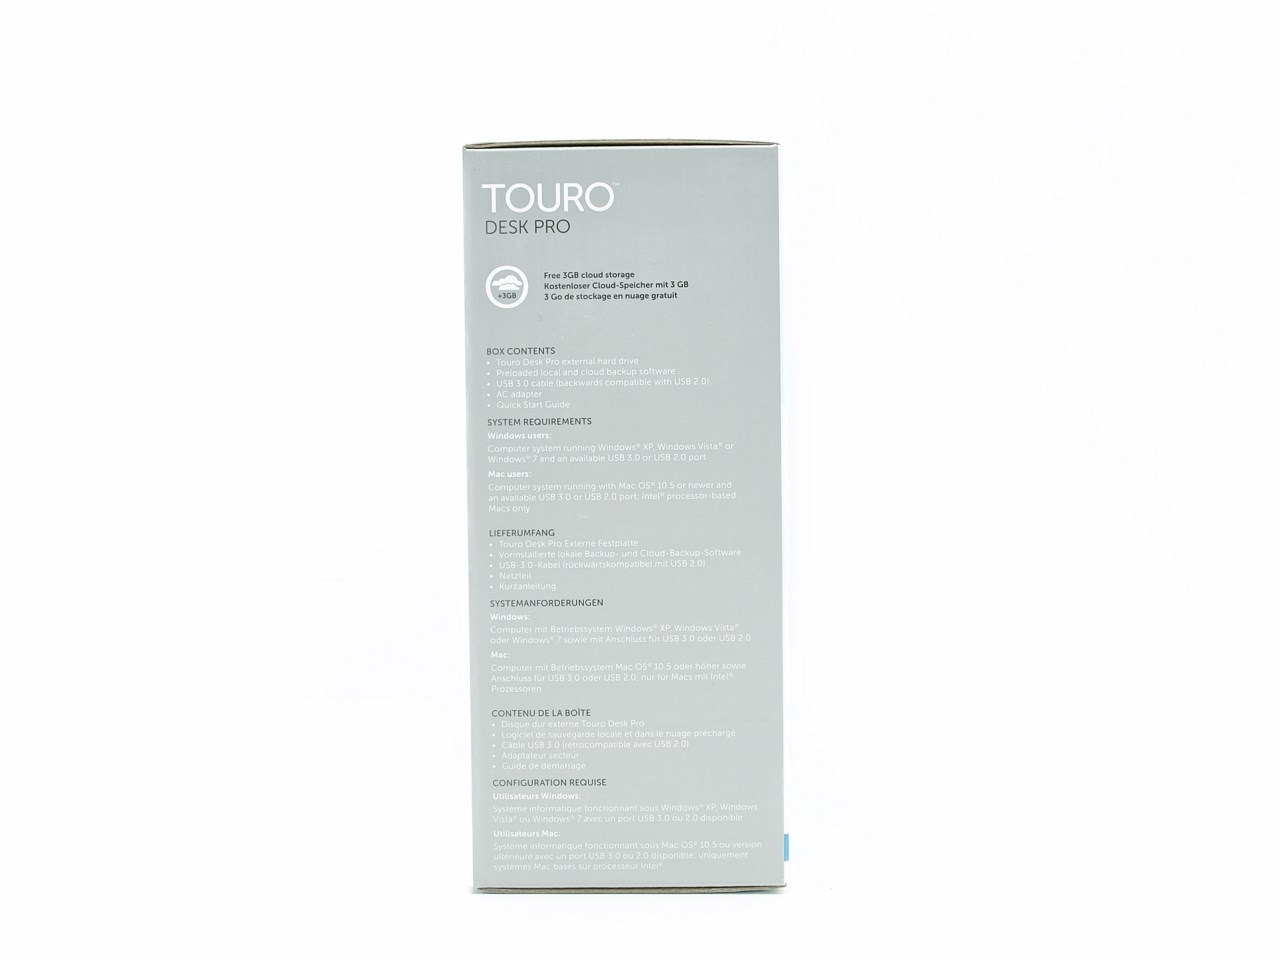 Hgst Touro Desk Pro 4tb Usb 3 0 External Hard Drive Review